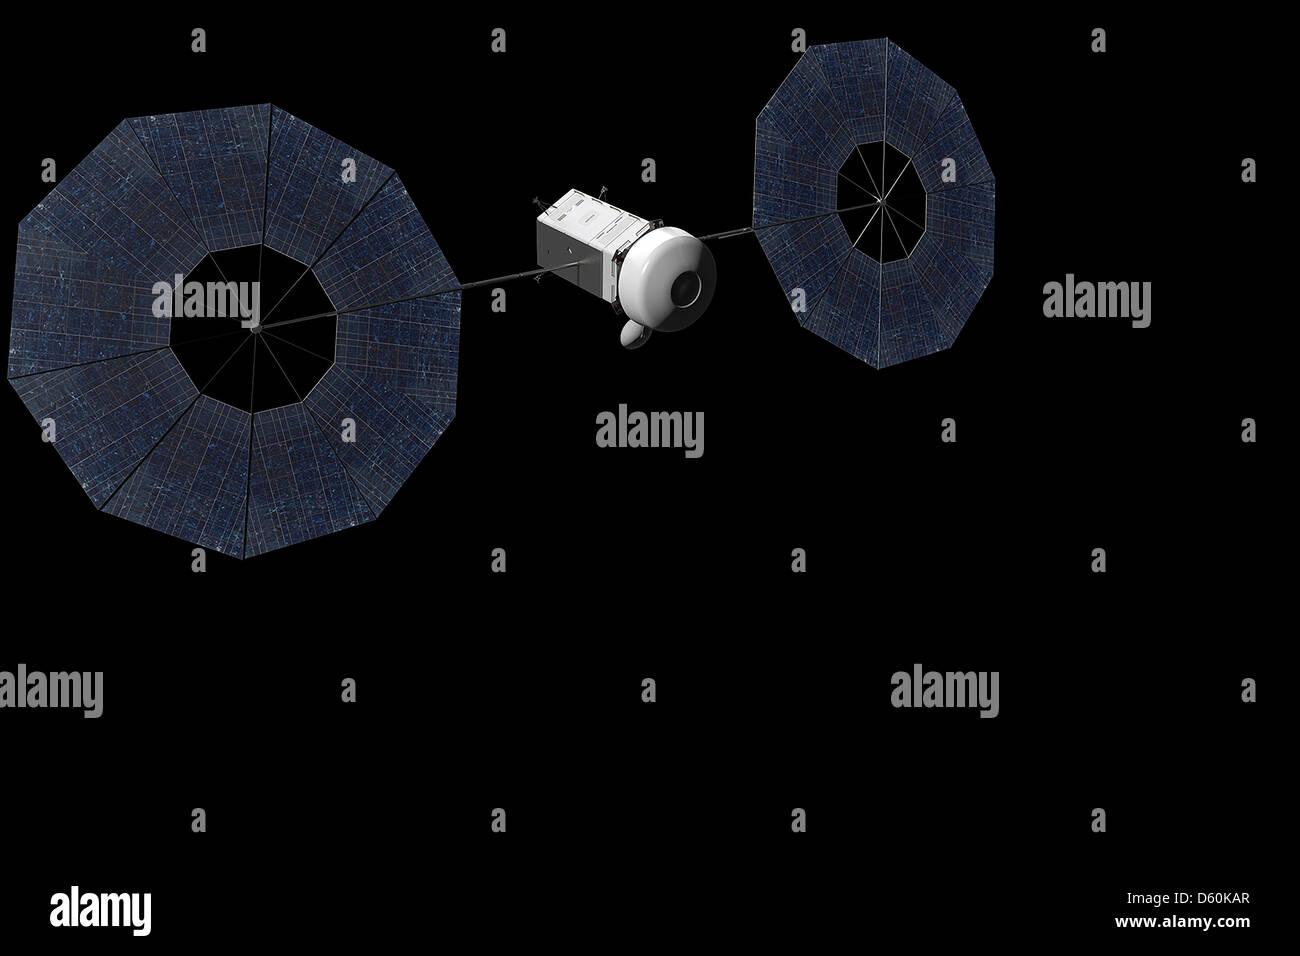 Los artistas concepto de propulsión eléctrica solar basa naves espaciales durante la misión de la Imagen De Stock